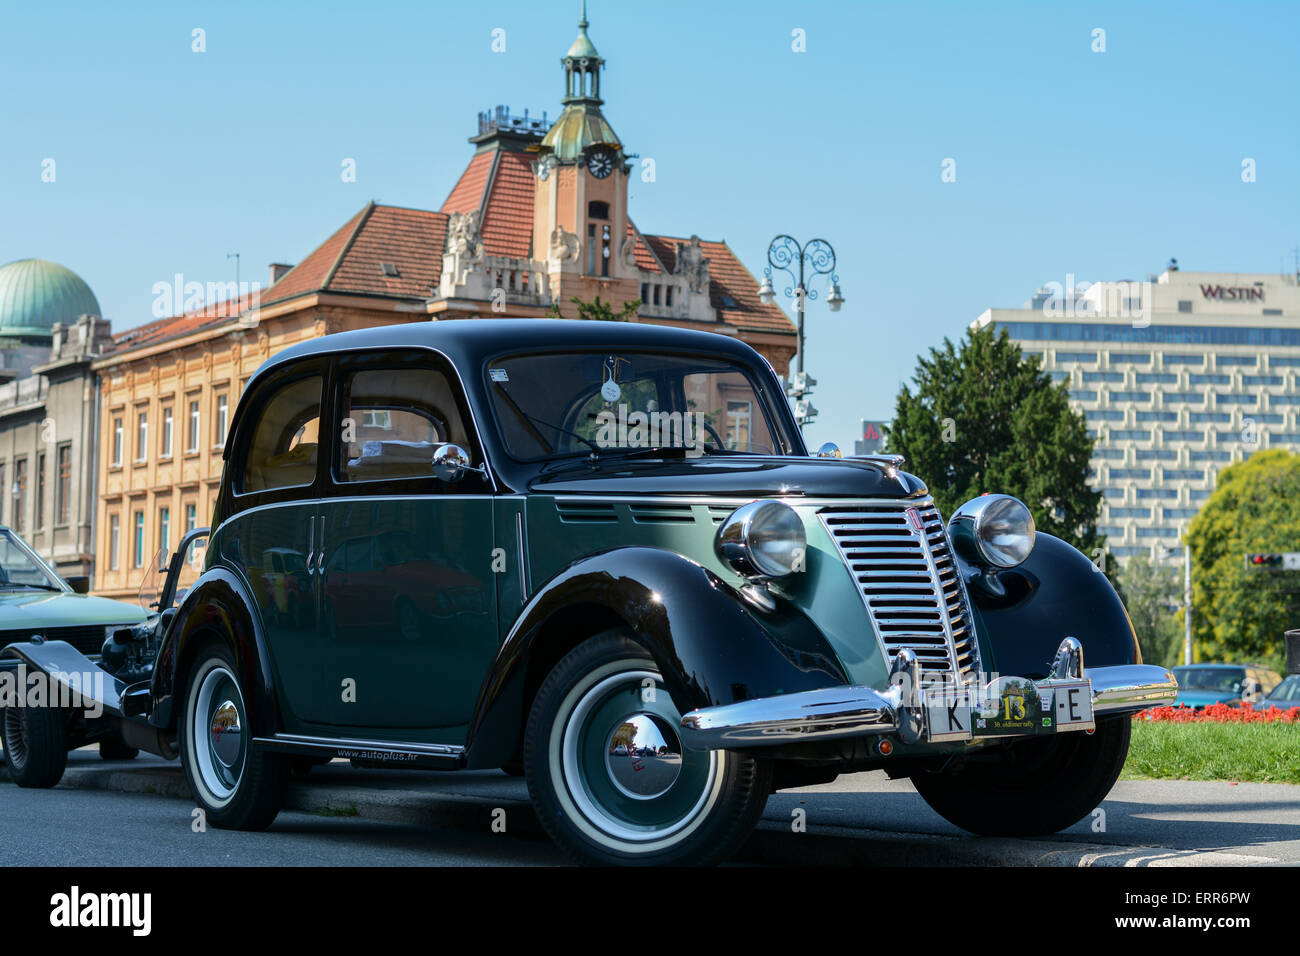 Oldtimer-Rallye der 30. Zagreb in Zagreb, Kroatien Stockbild